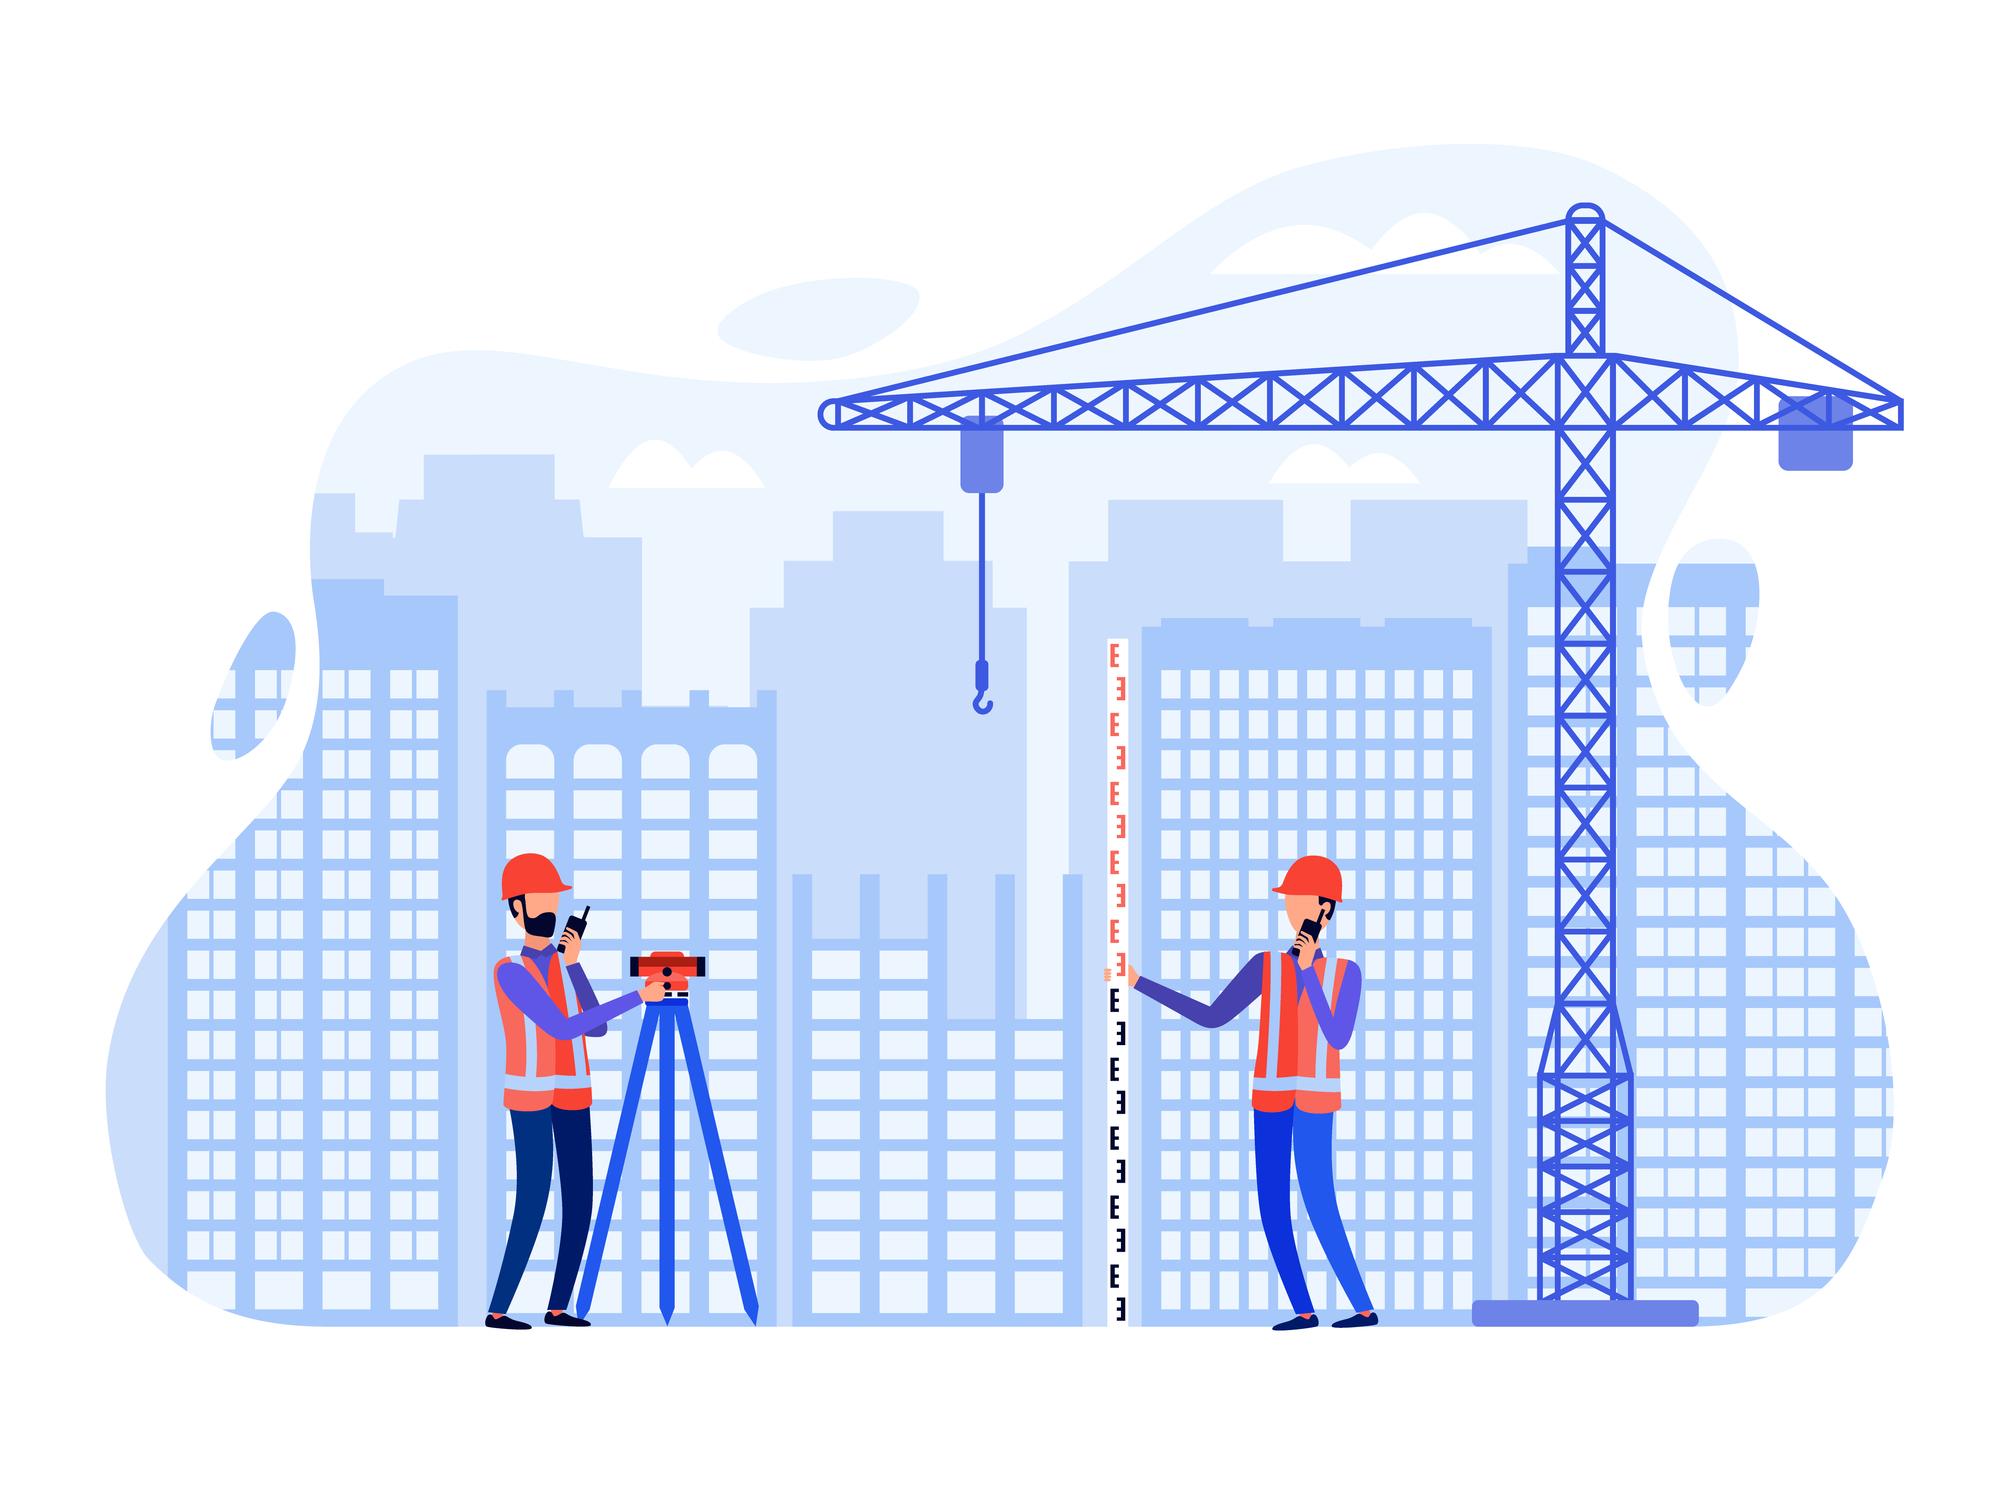 技能工採用|採用担当がおさえておきたい情報をまるっと網羅! これさえ知れば採用がうまくいく、技能工採用成功ガイド